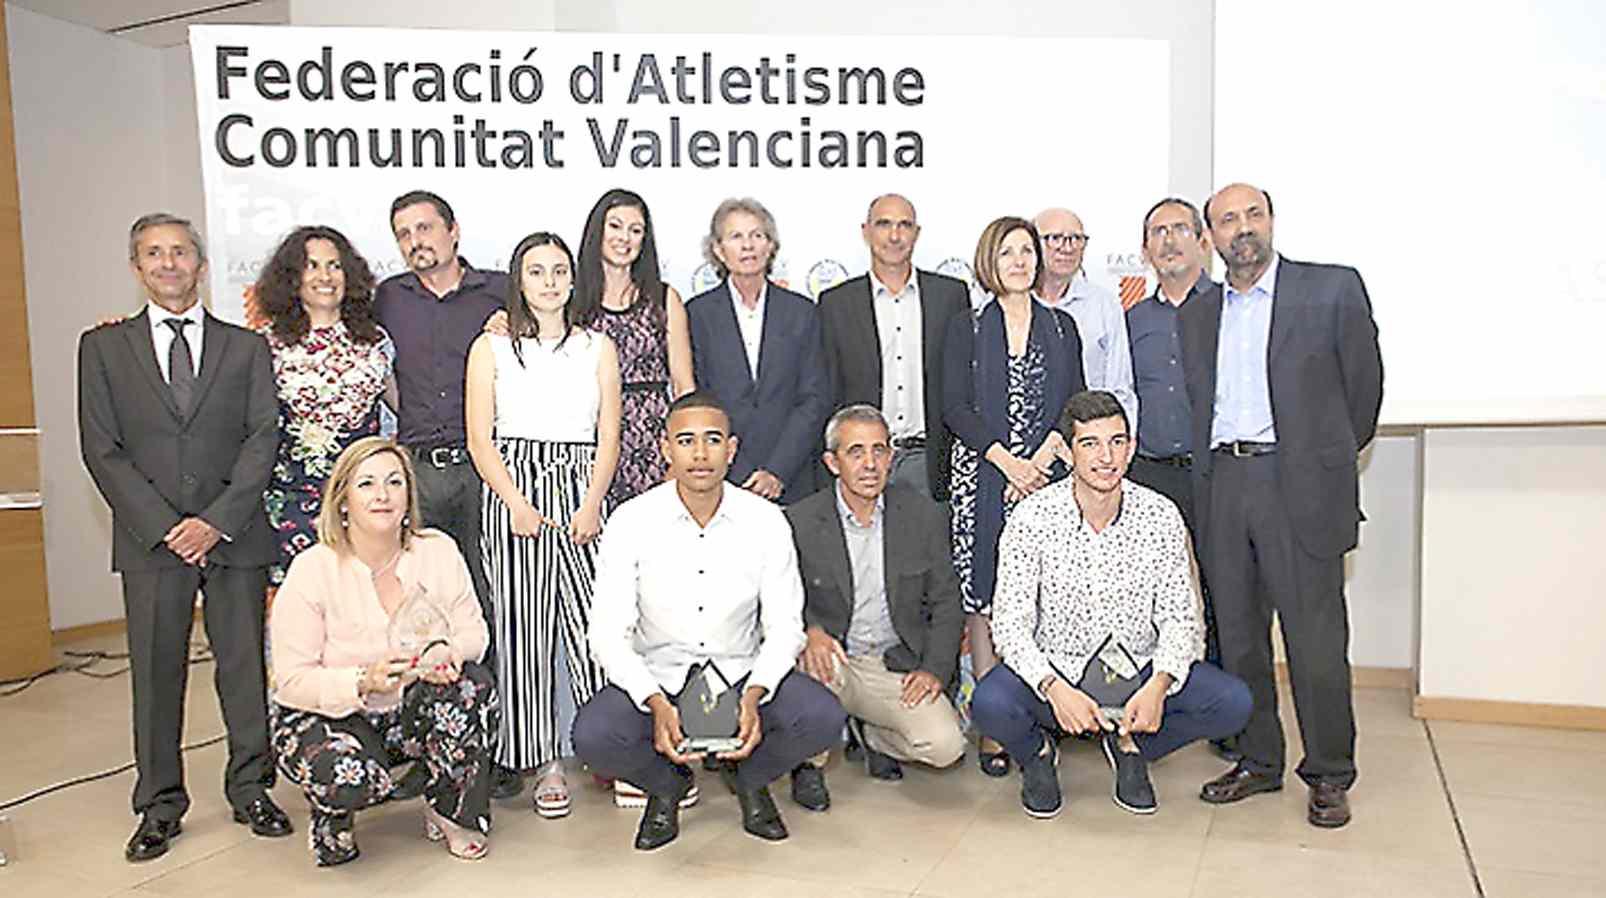 La Federación Valenciana de Atletismo premia a los colivencs José Antonio y Jorge Ureña y a Jesús Gil